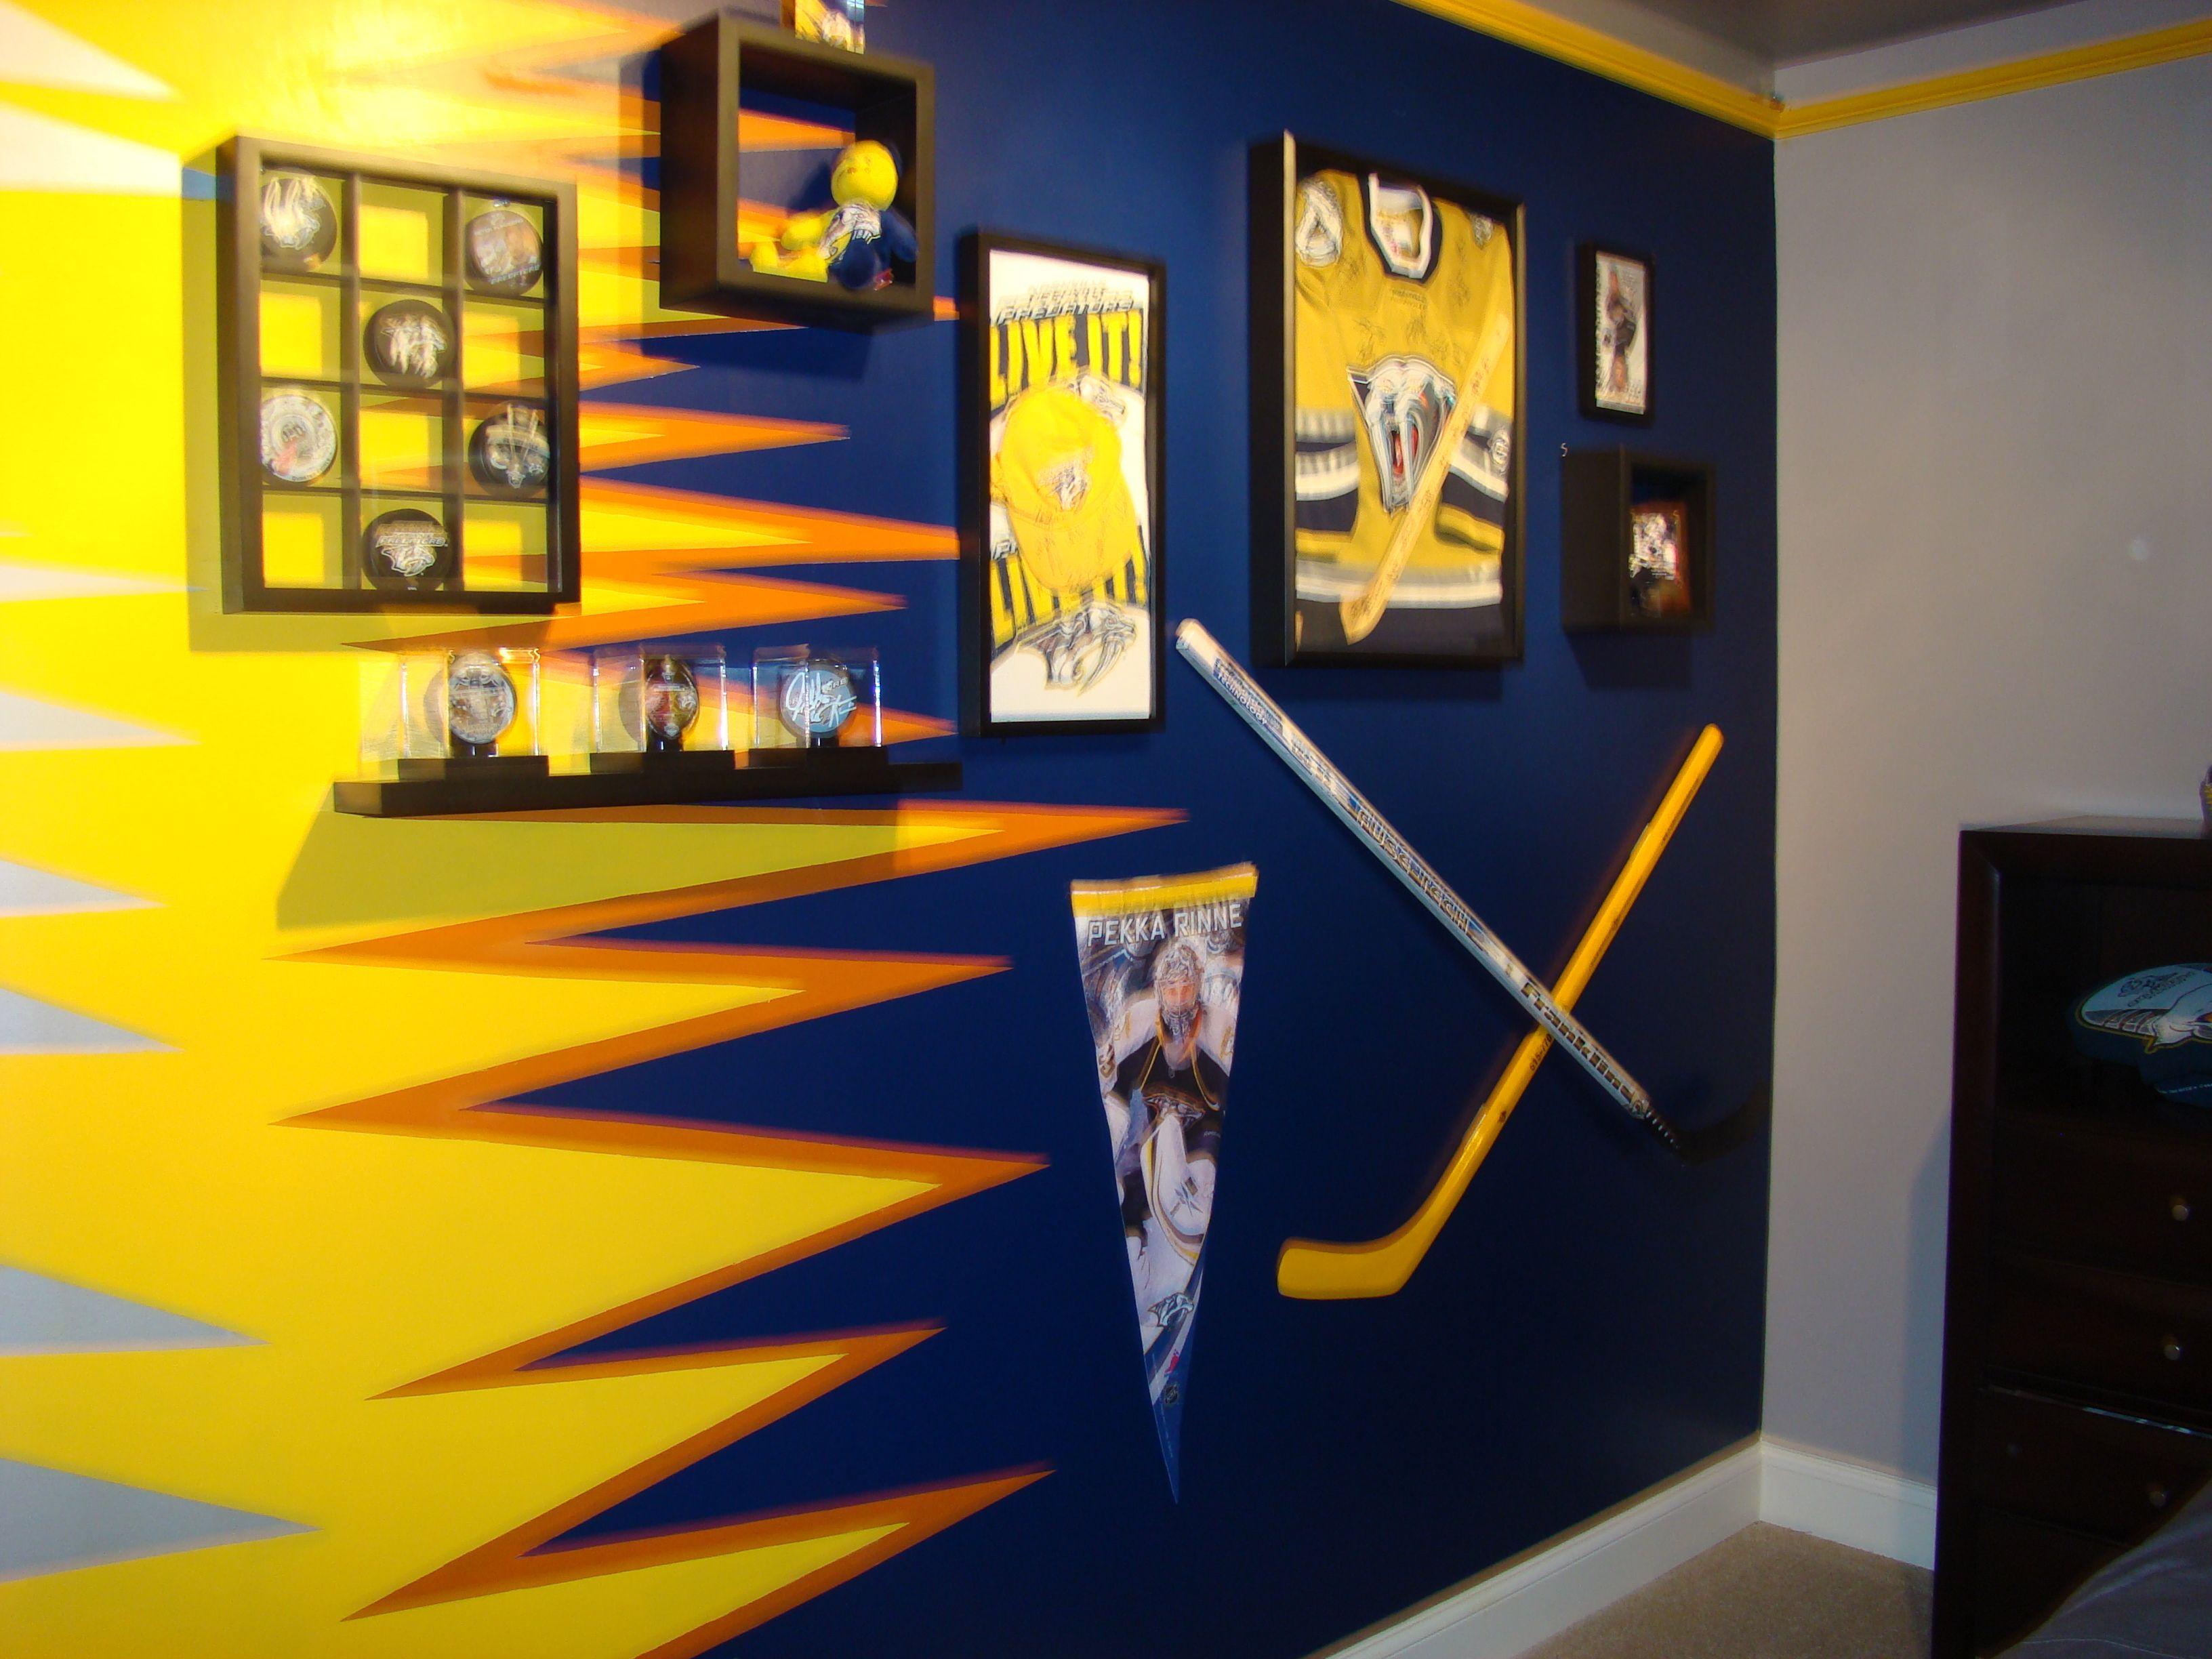 Hockey Memorabilia Wall In Kid S Room I Like The Puck Display Case Hockey Room Big Kid Bedroom Hockey Bedroom